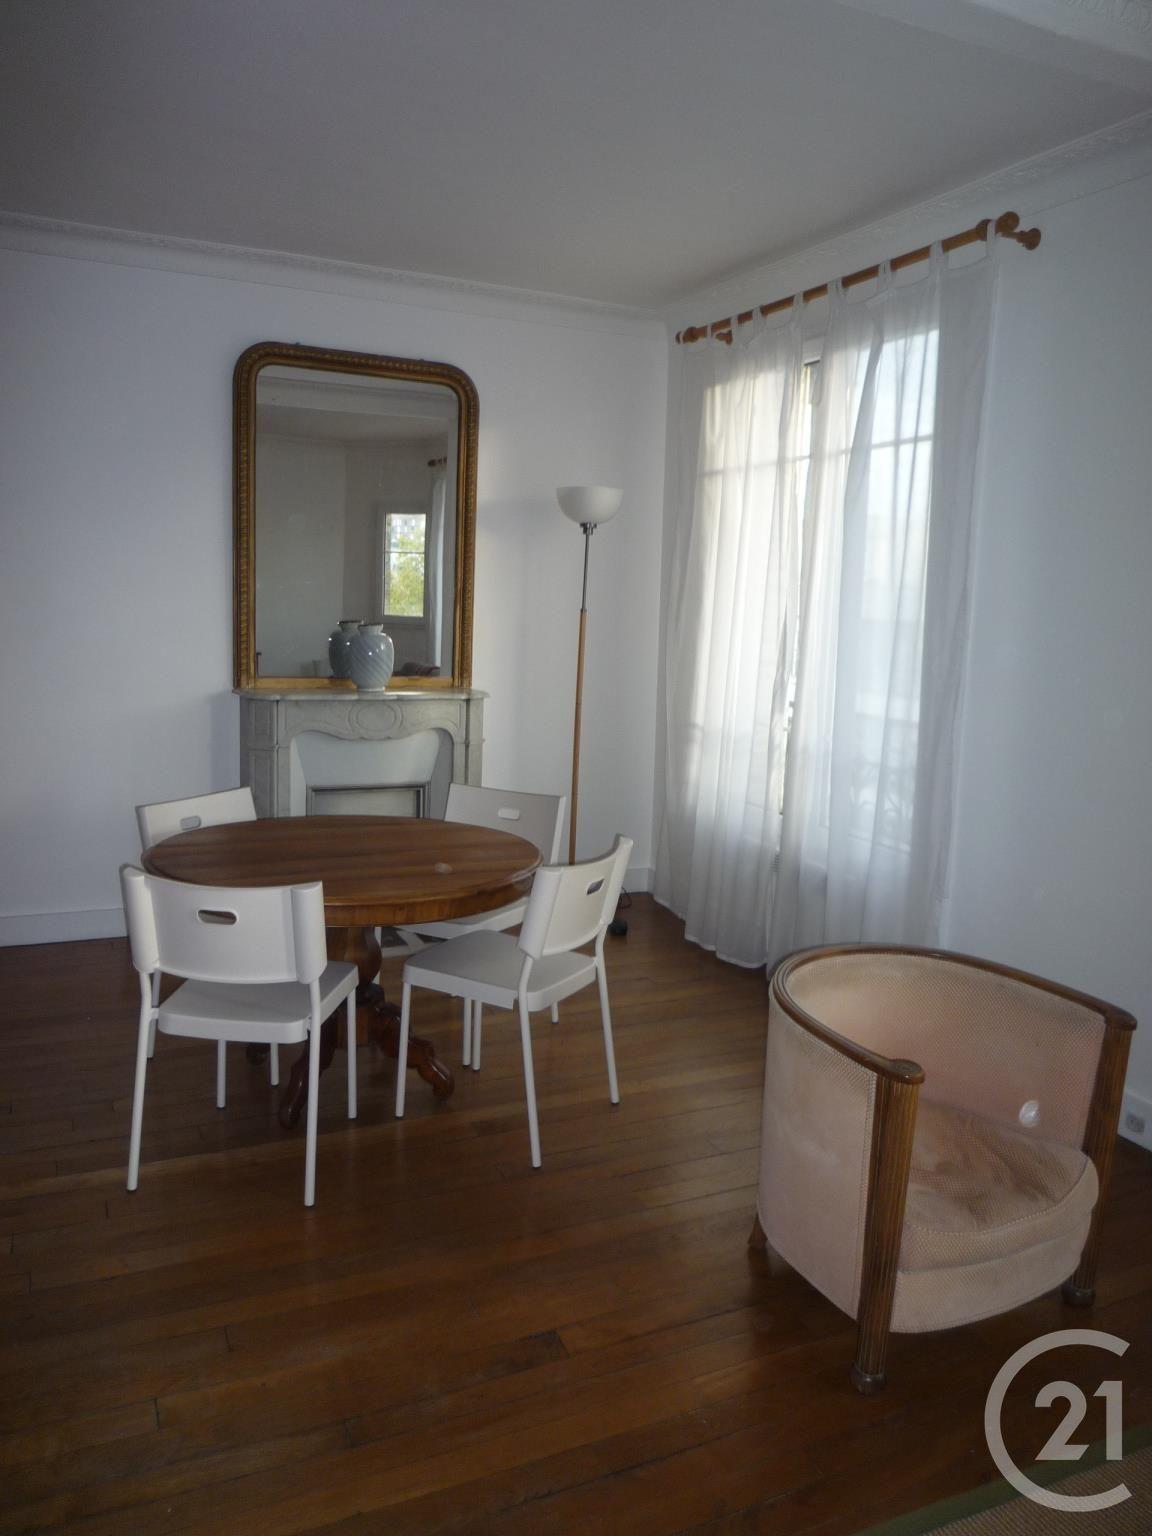 Appartement a louer boulogne-billancourt - 2 pièce(s) - 51.35 m2 - Surfyn